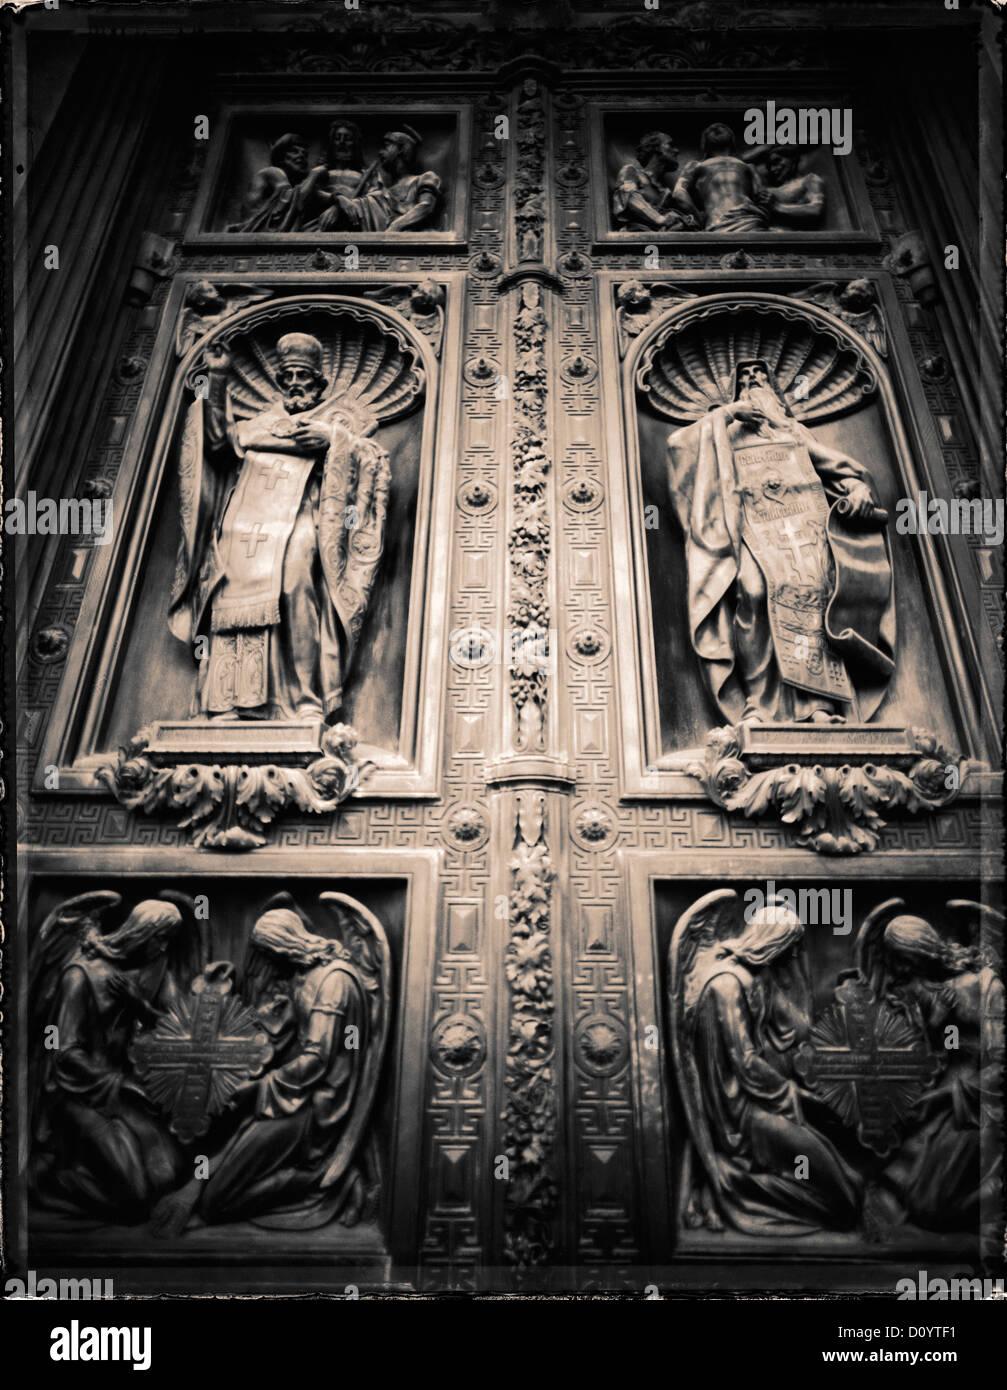 Russisch-orthodoxes Reliefs auf den Bronzetüren der St. Isaaks Kathedrale in St. Petersburg, Russland. Stockbild